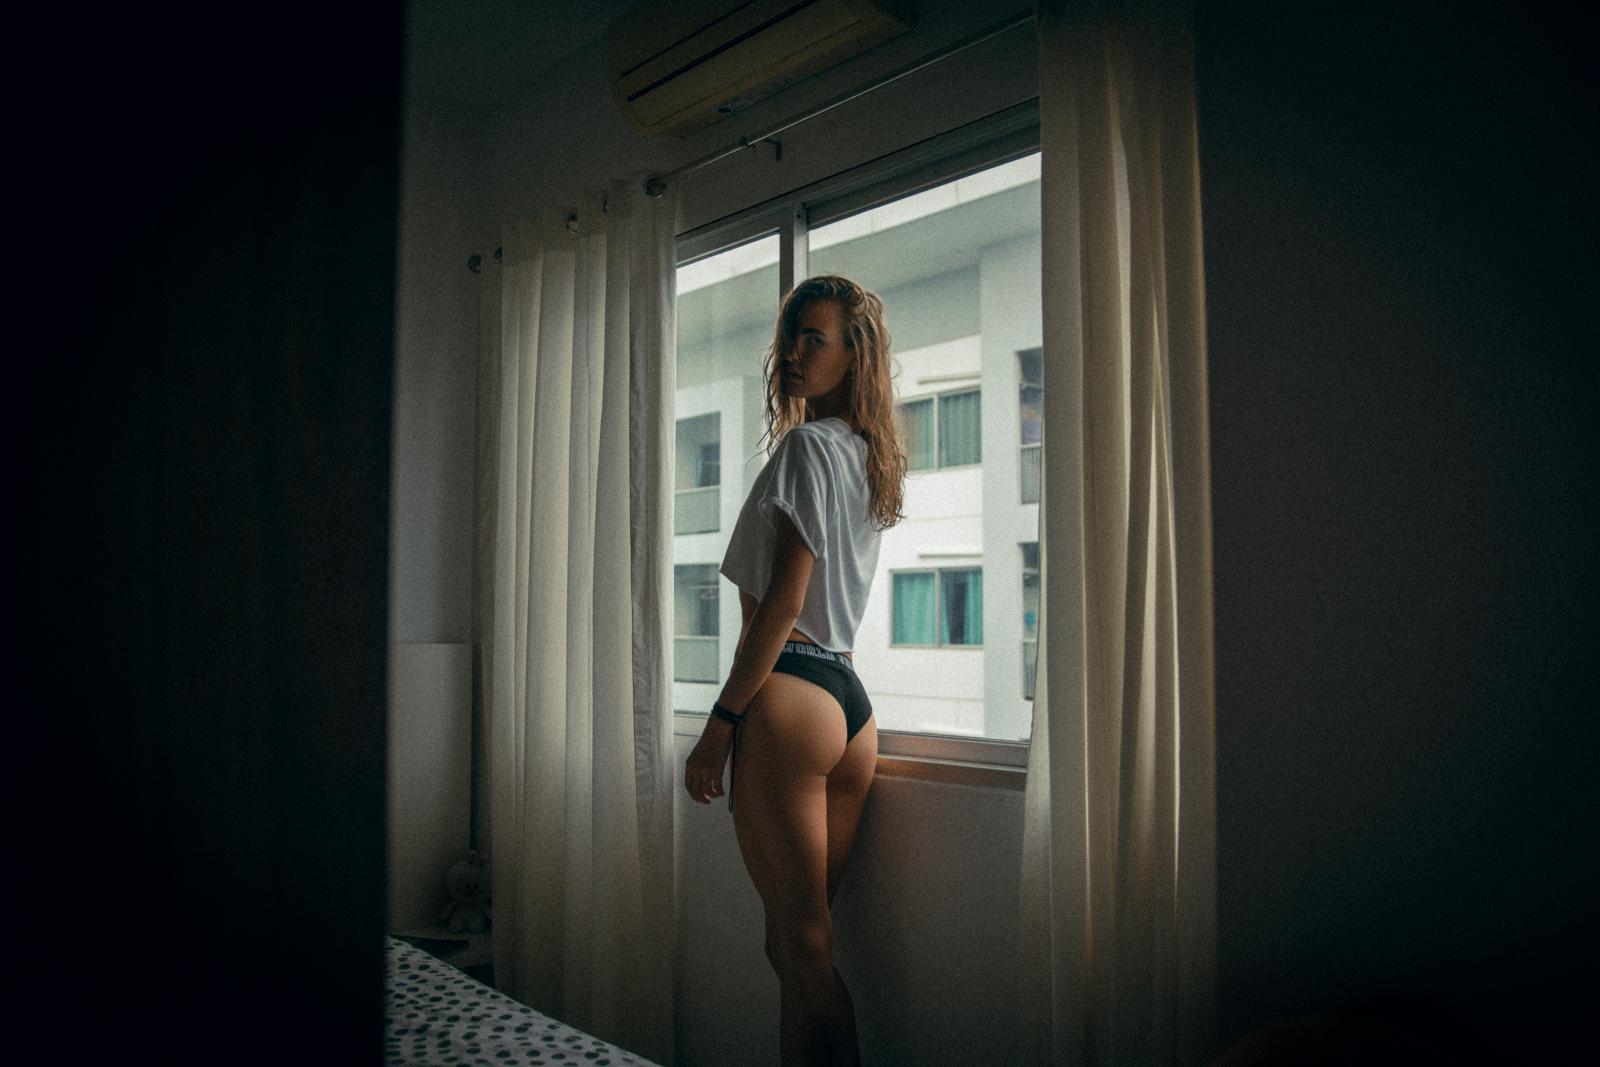 Promiskuitet, nevjera, opsesija seksom i visokorizično ponašanje kao što je seks bez zaštite mogu biti znakovi depresije.